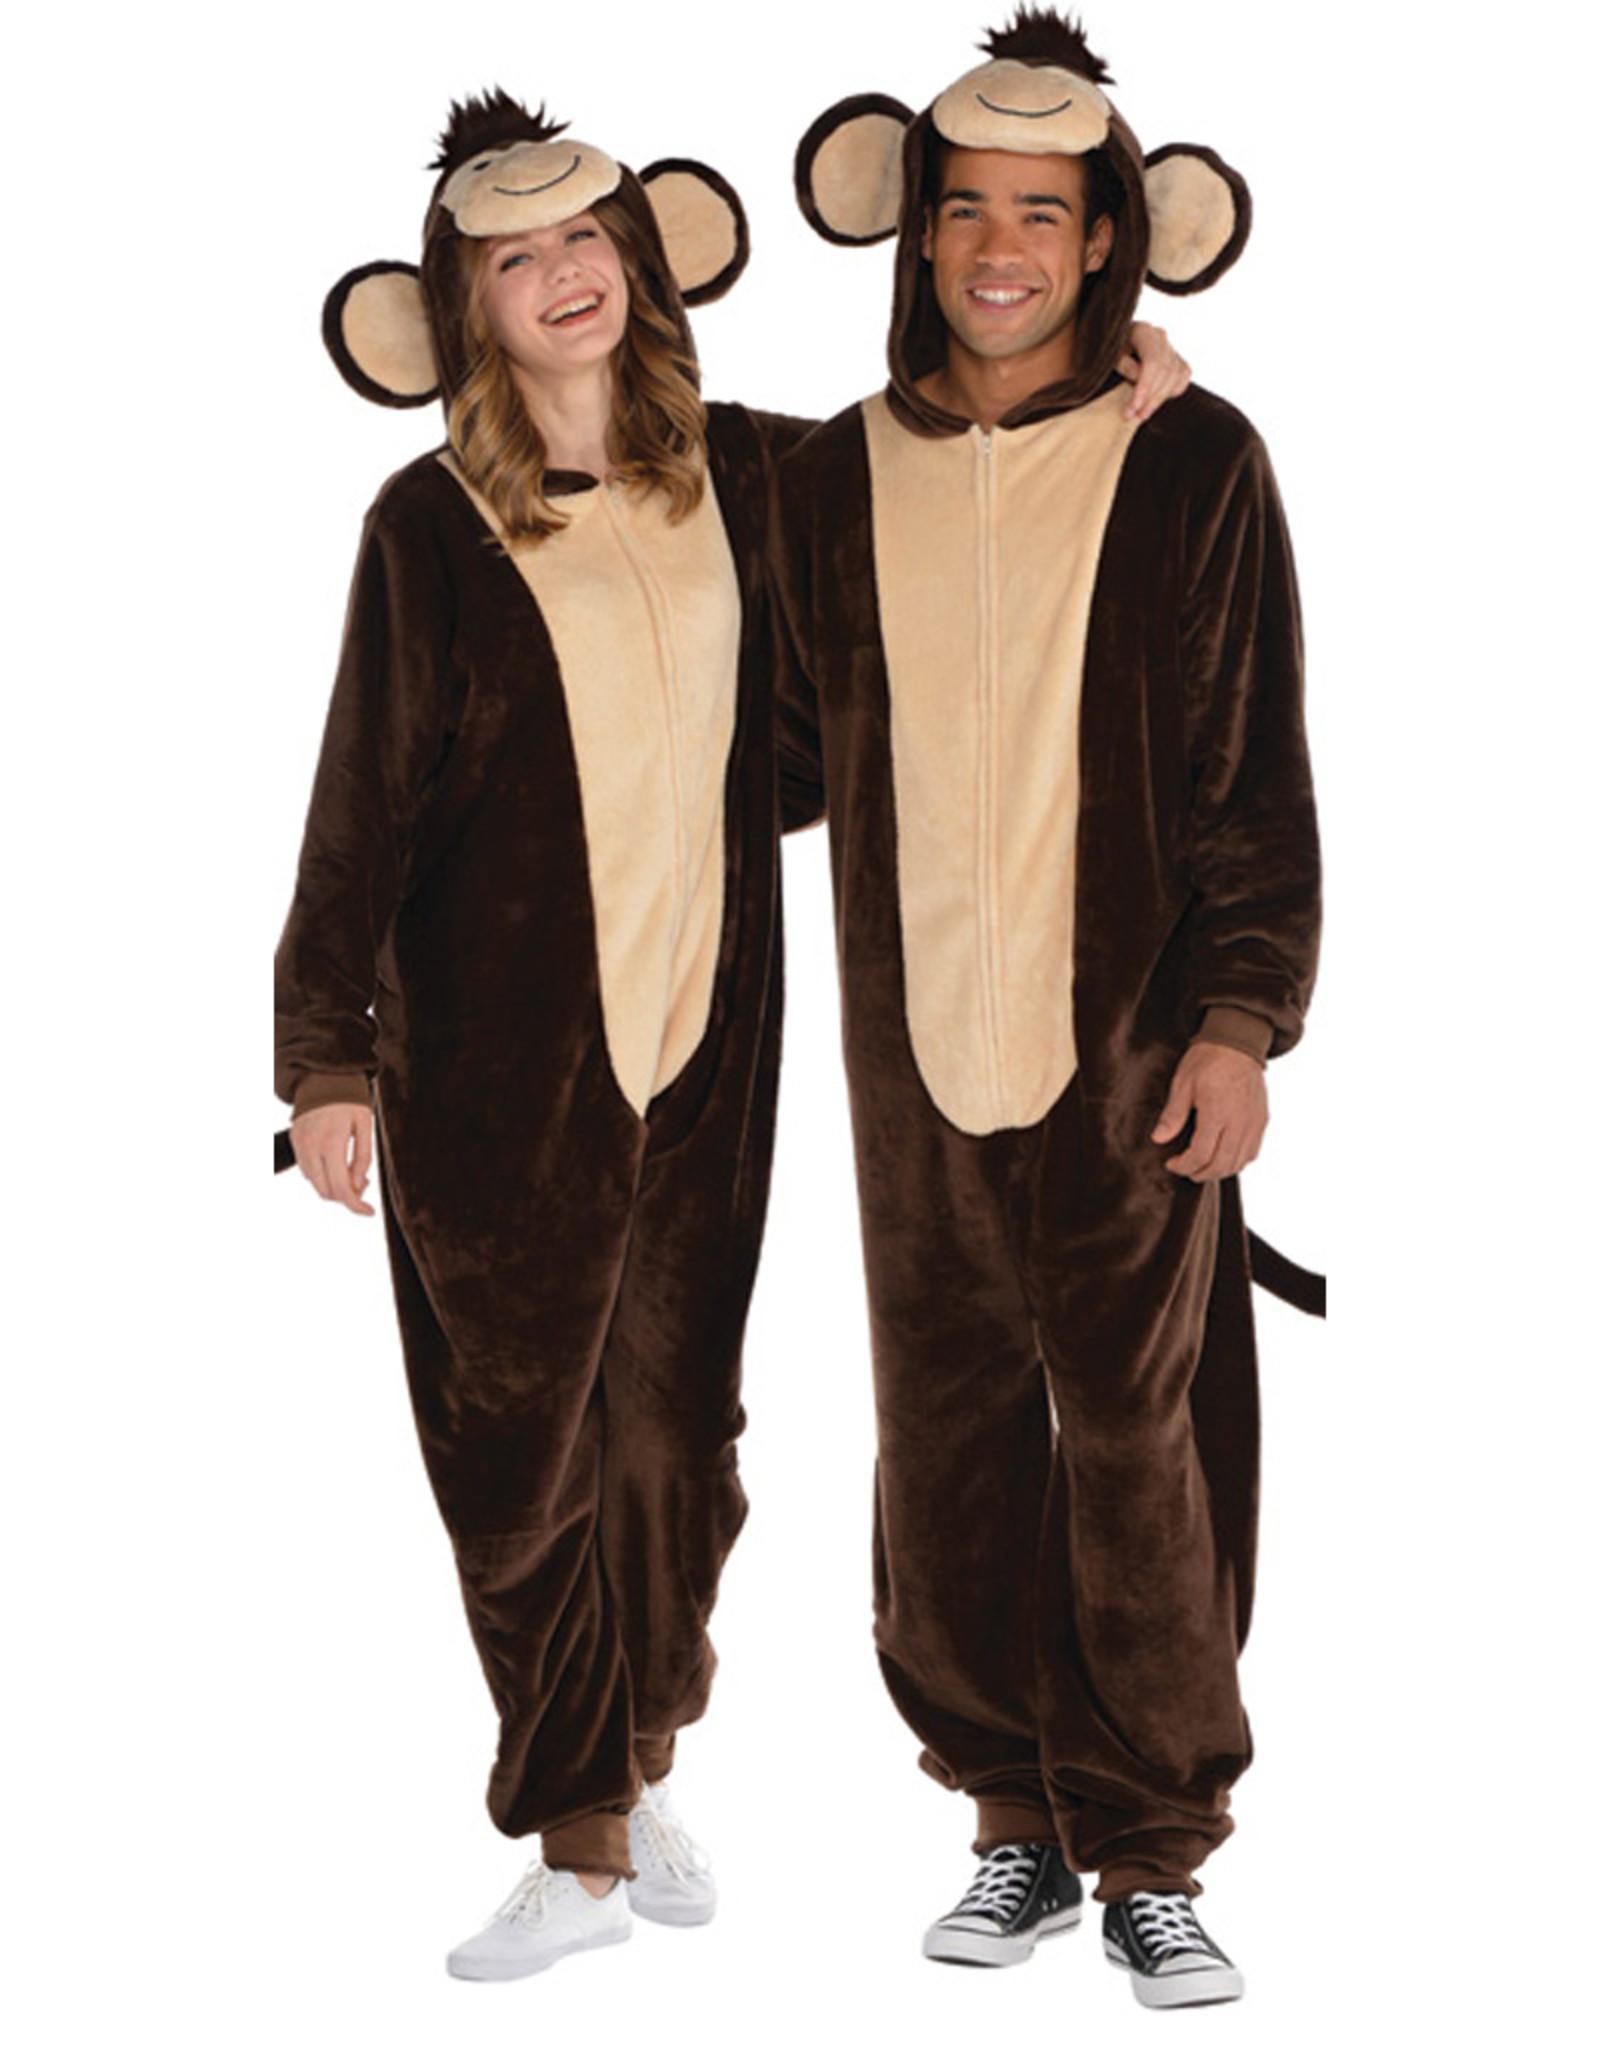 Monkey Zipster Costume - Humor